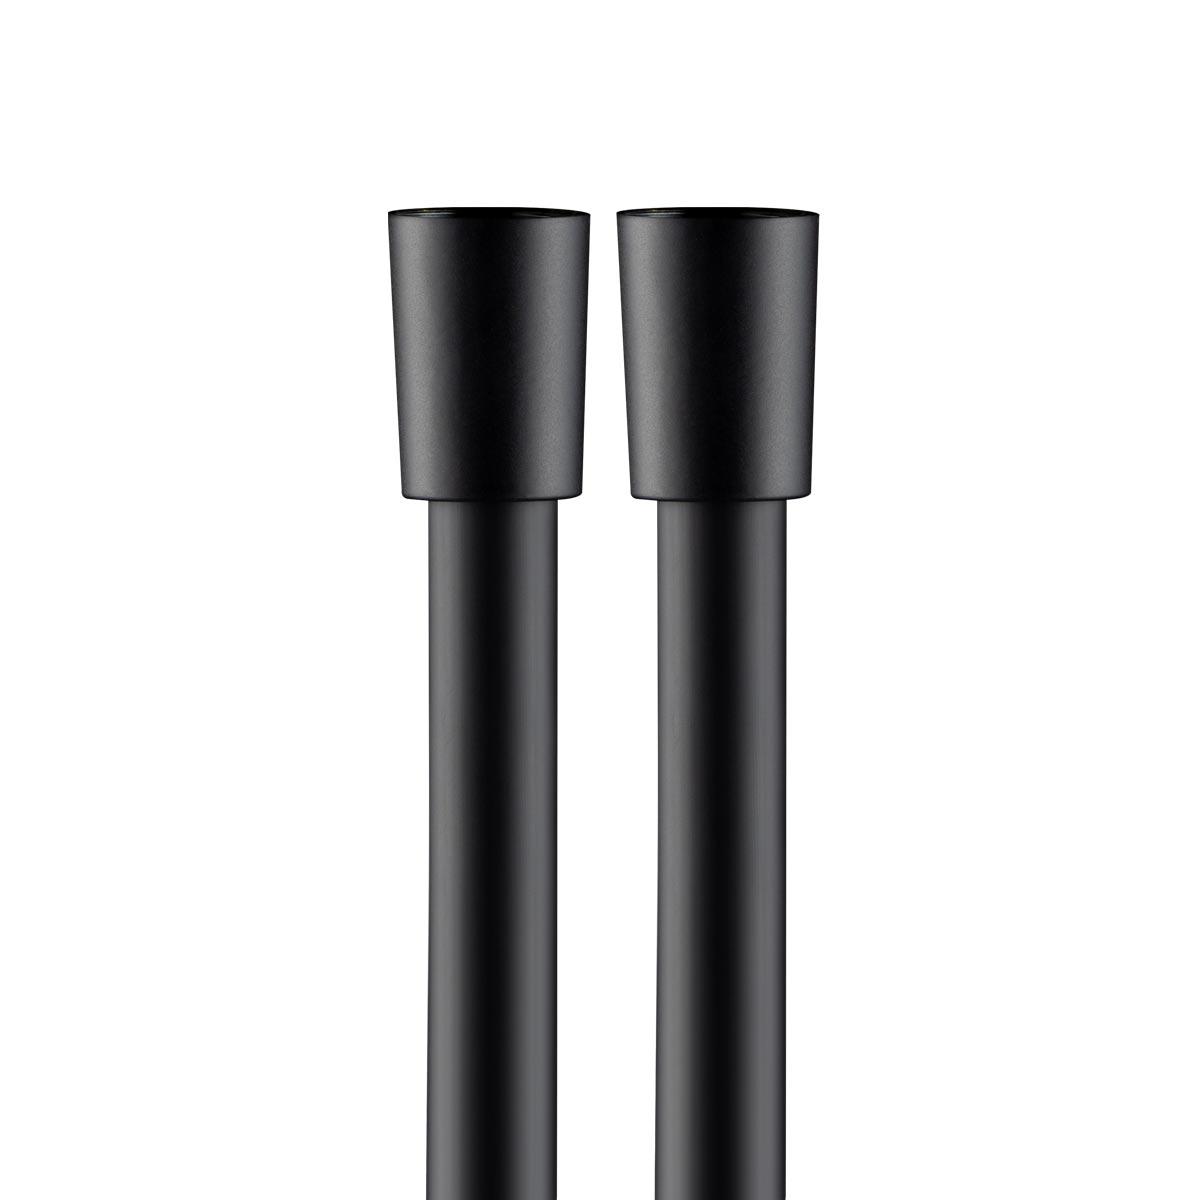 Flessibile PVC Nero Opaco 150cm, Coni Ottone Nero opaco